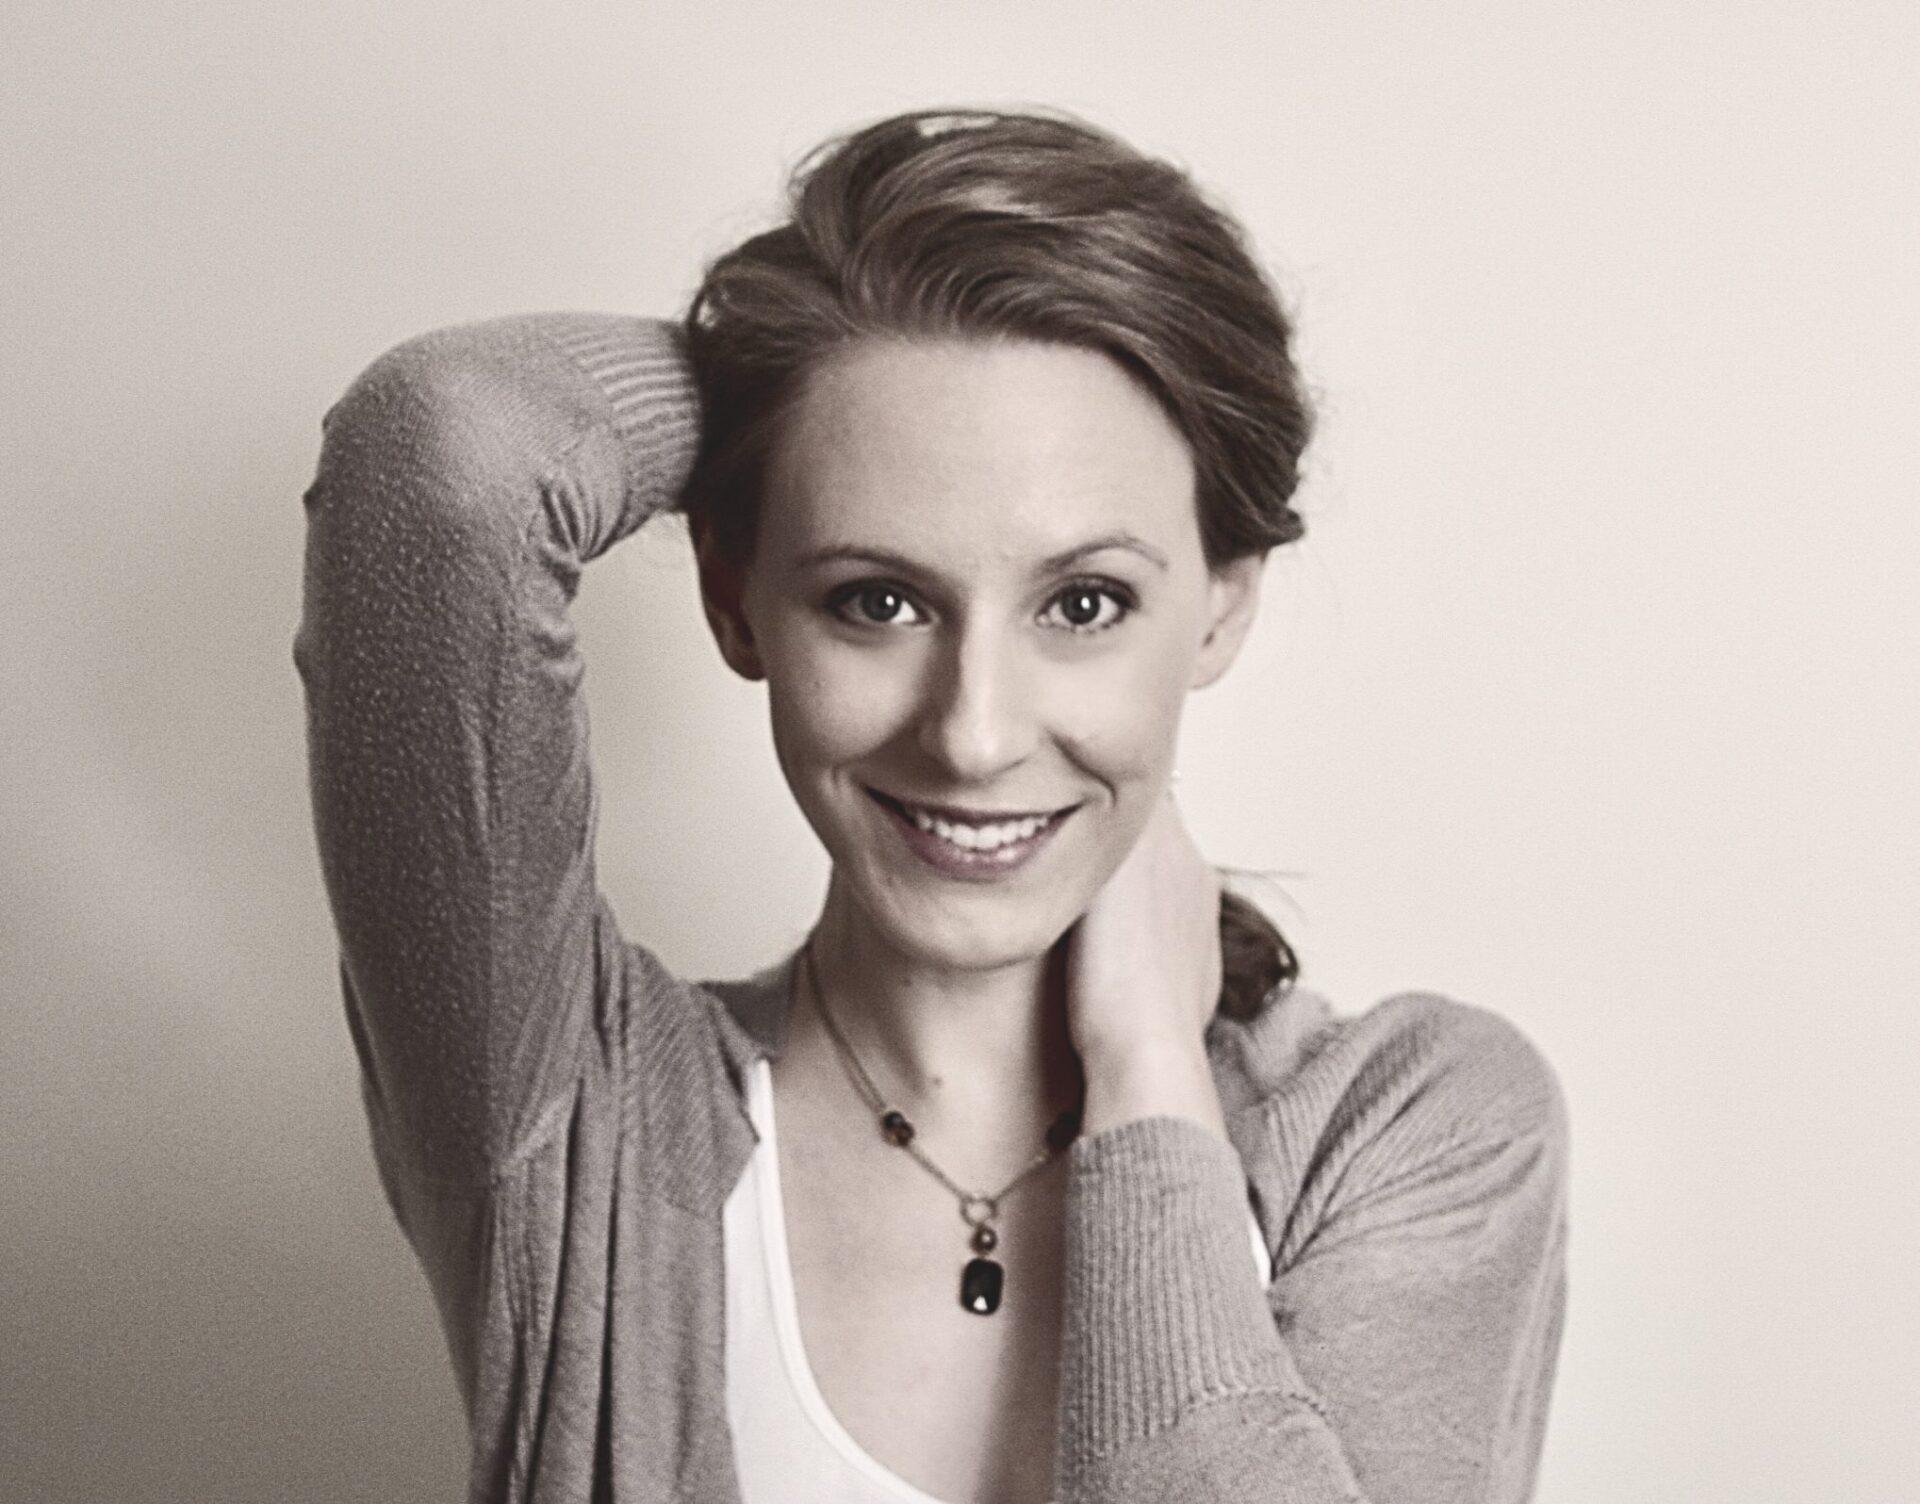 Melanie Lorick Hair Half-up looking at camera